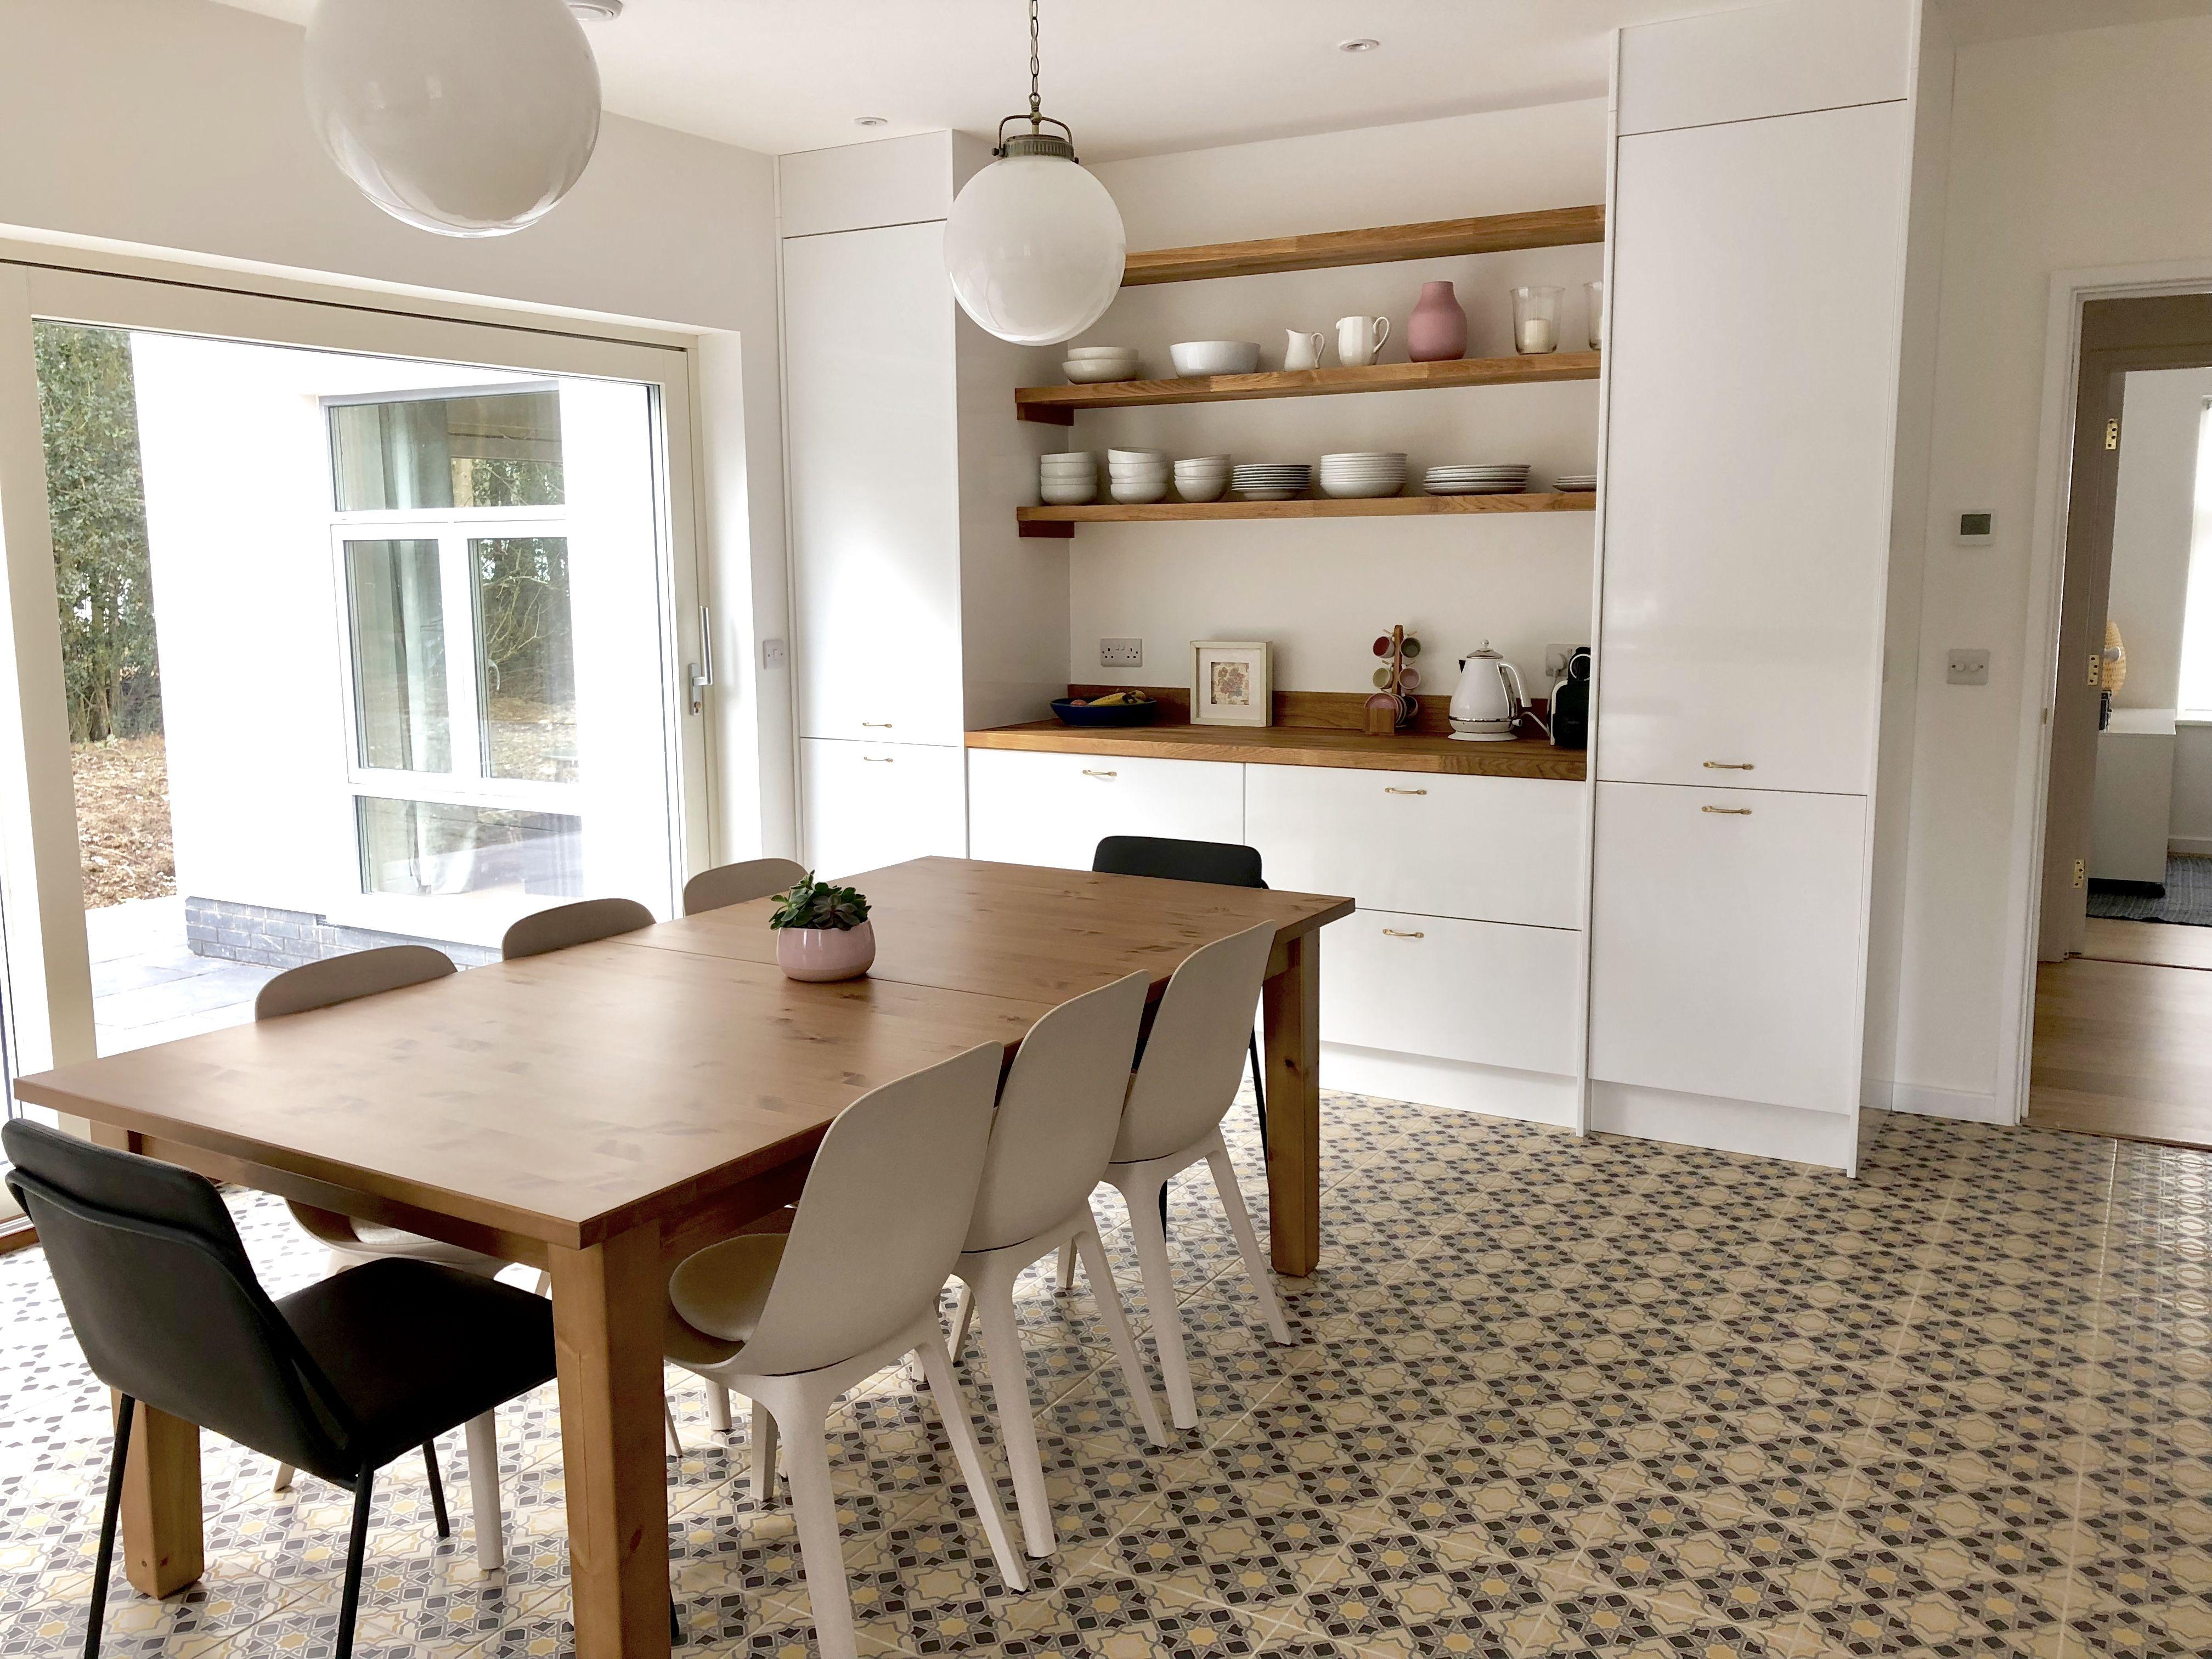 Tolle Beleuchtung In Der Küche Erweiterungen Bilder - Ideen Für Die ...